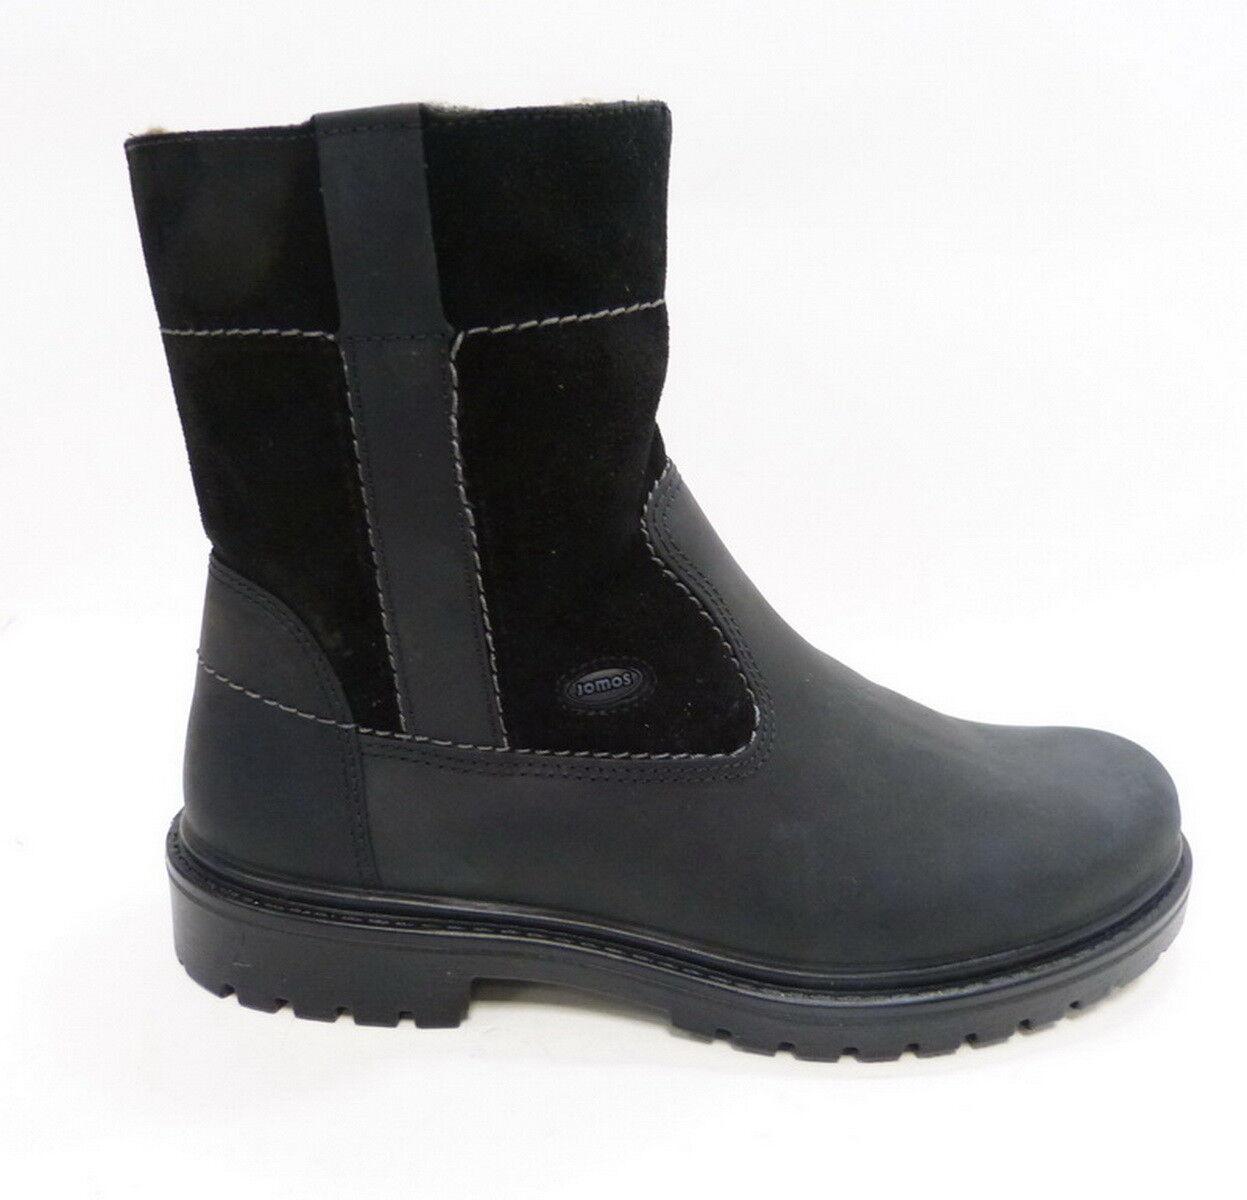 Jomos warmer botas Stiefel 456504 Reißverschluß 000 Negro Reißverschluß 456504 4ca55c